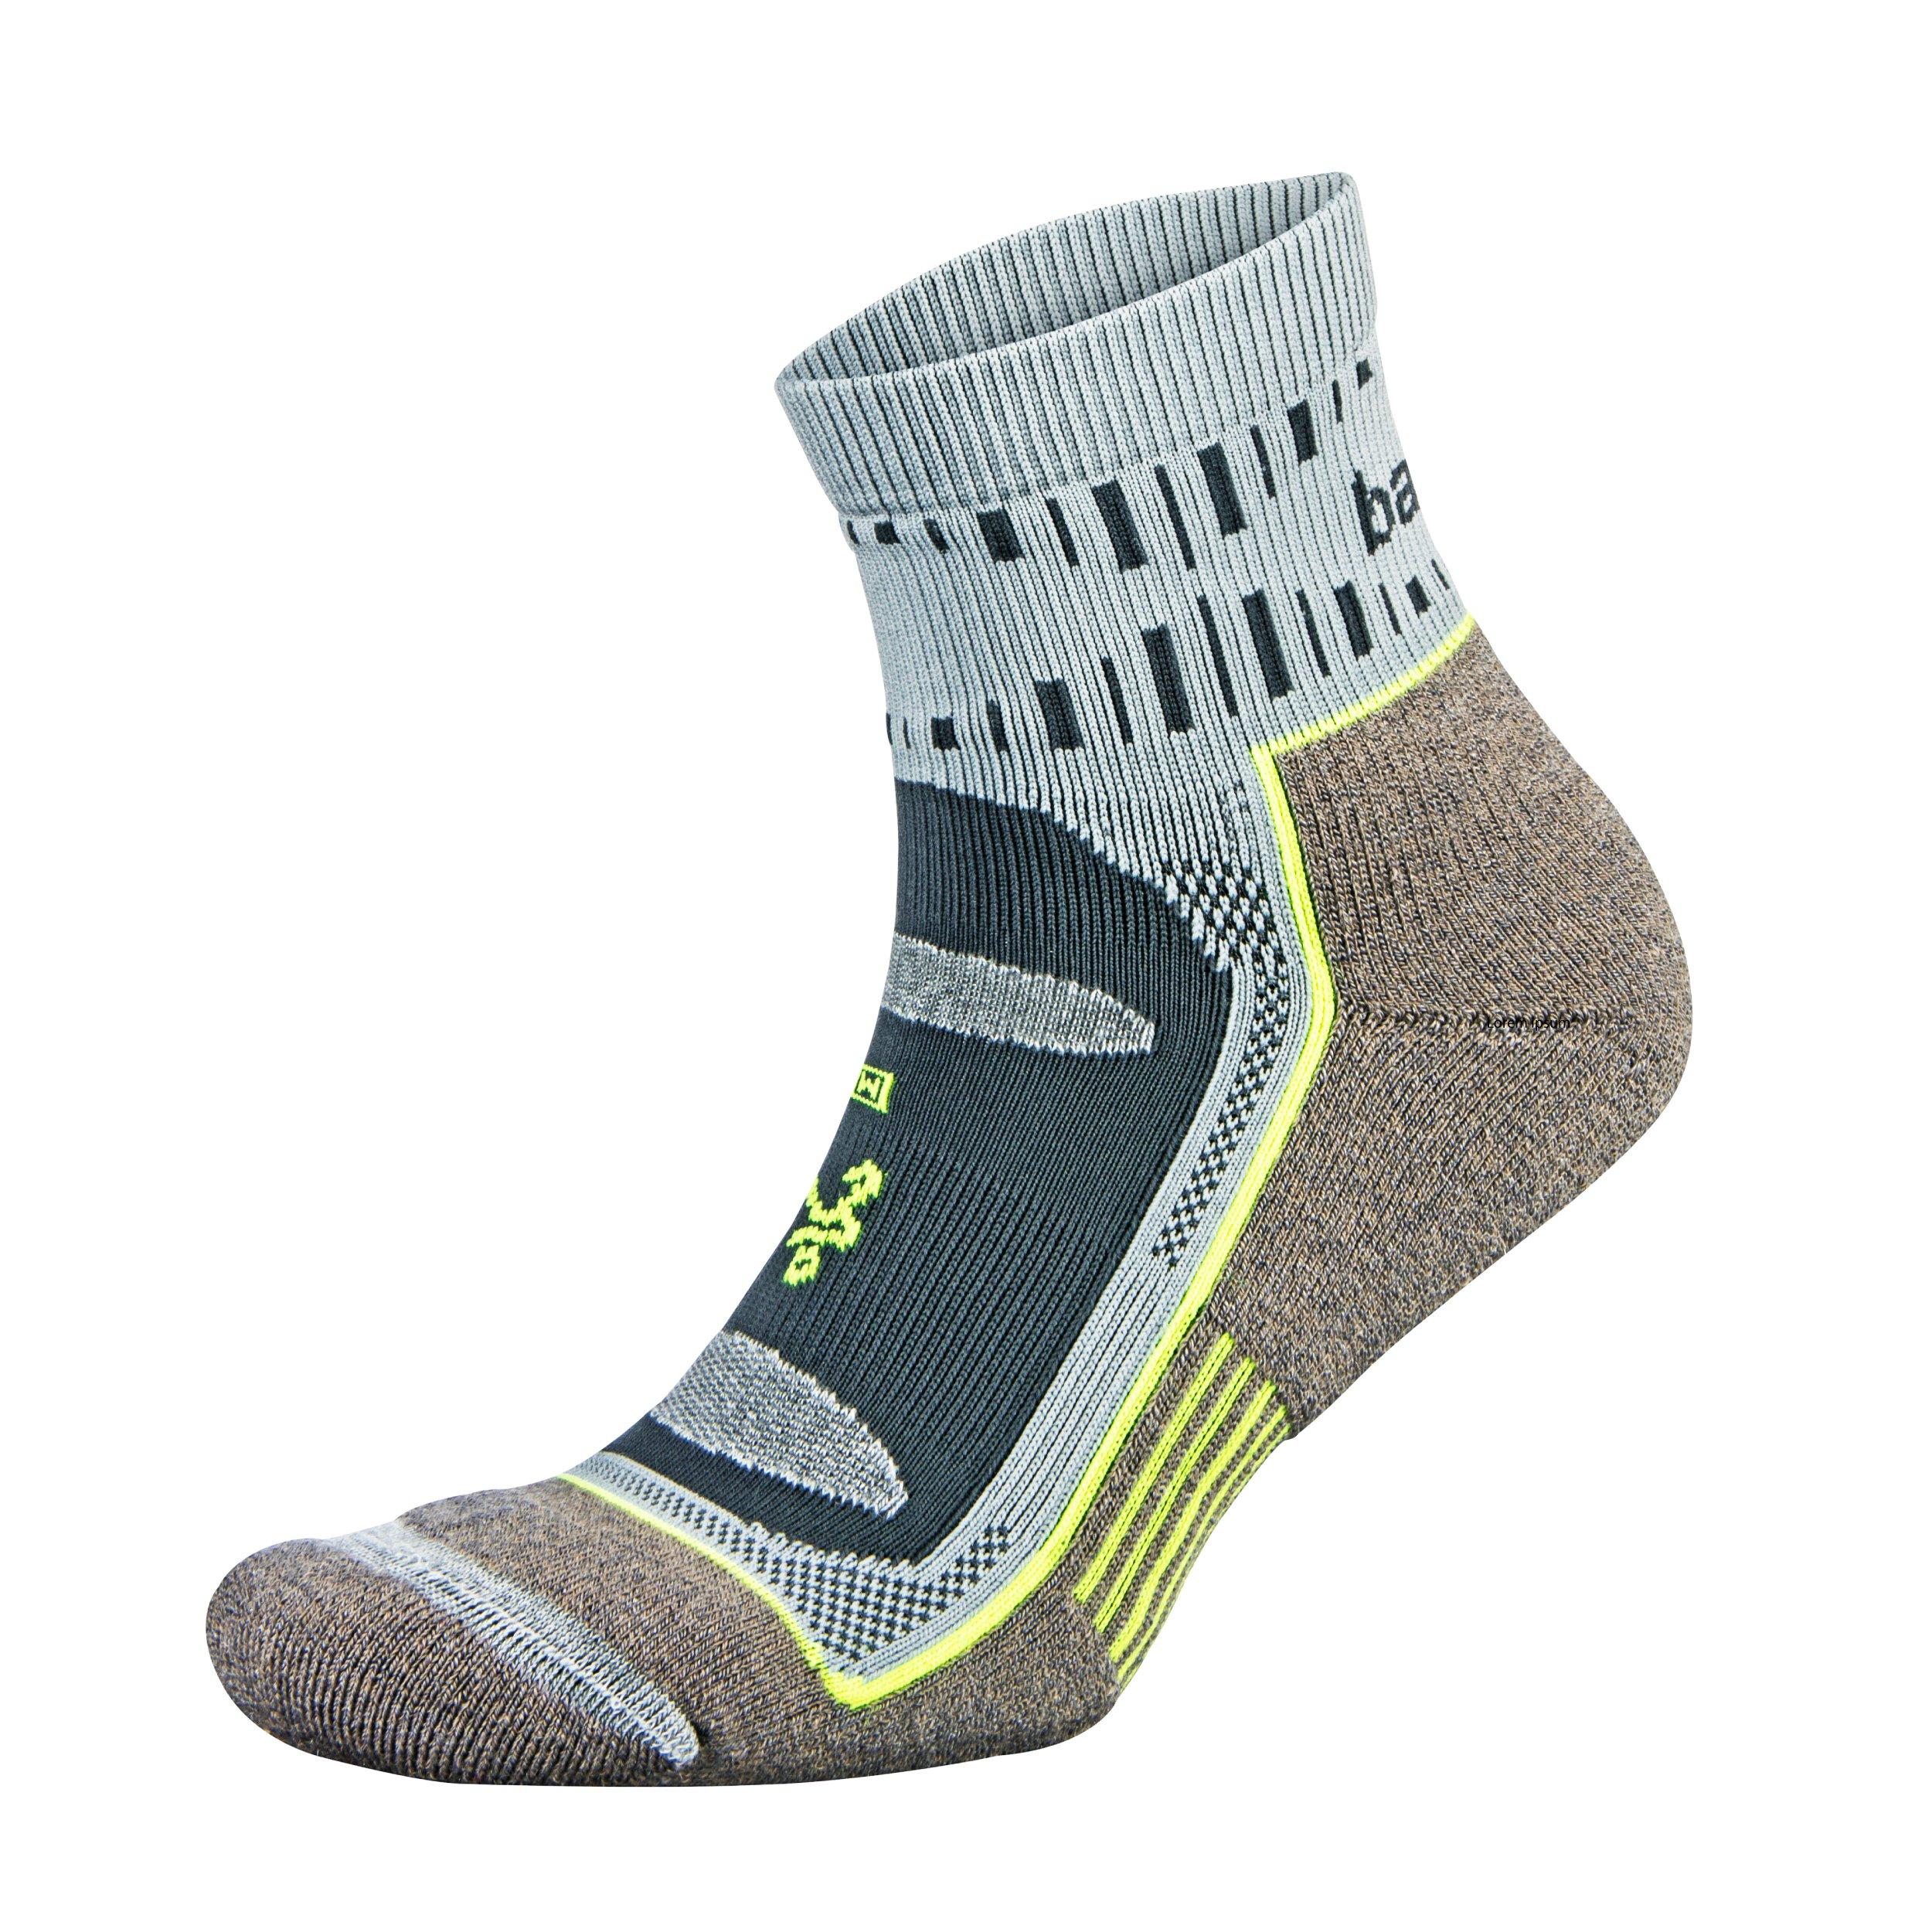 Balega Blister Resist Quarter Socks for Men and Women (1 Pair), Mink/Grey, Large